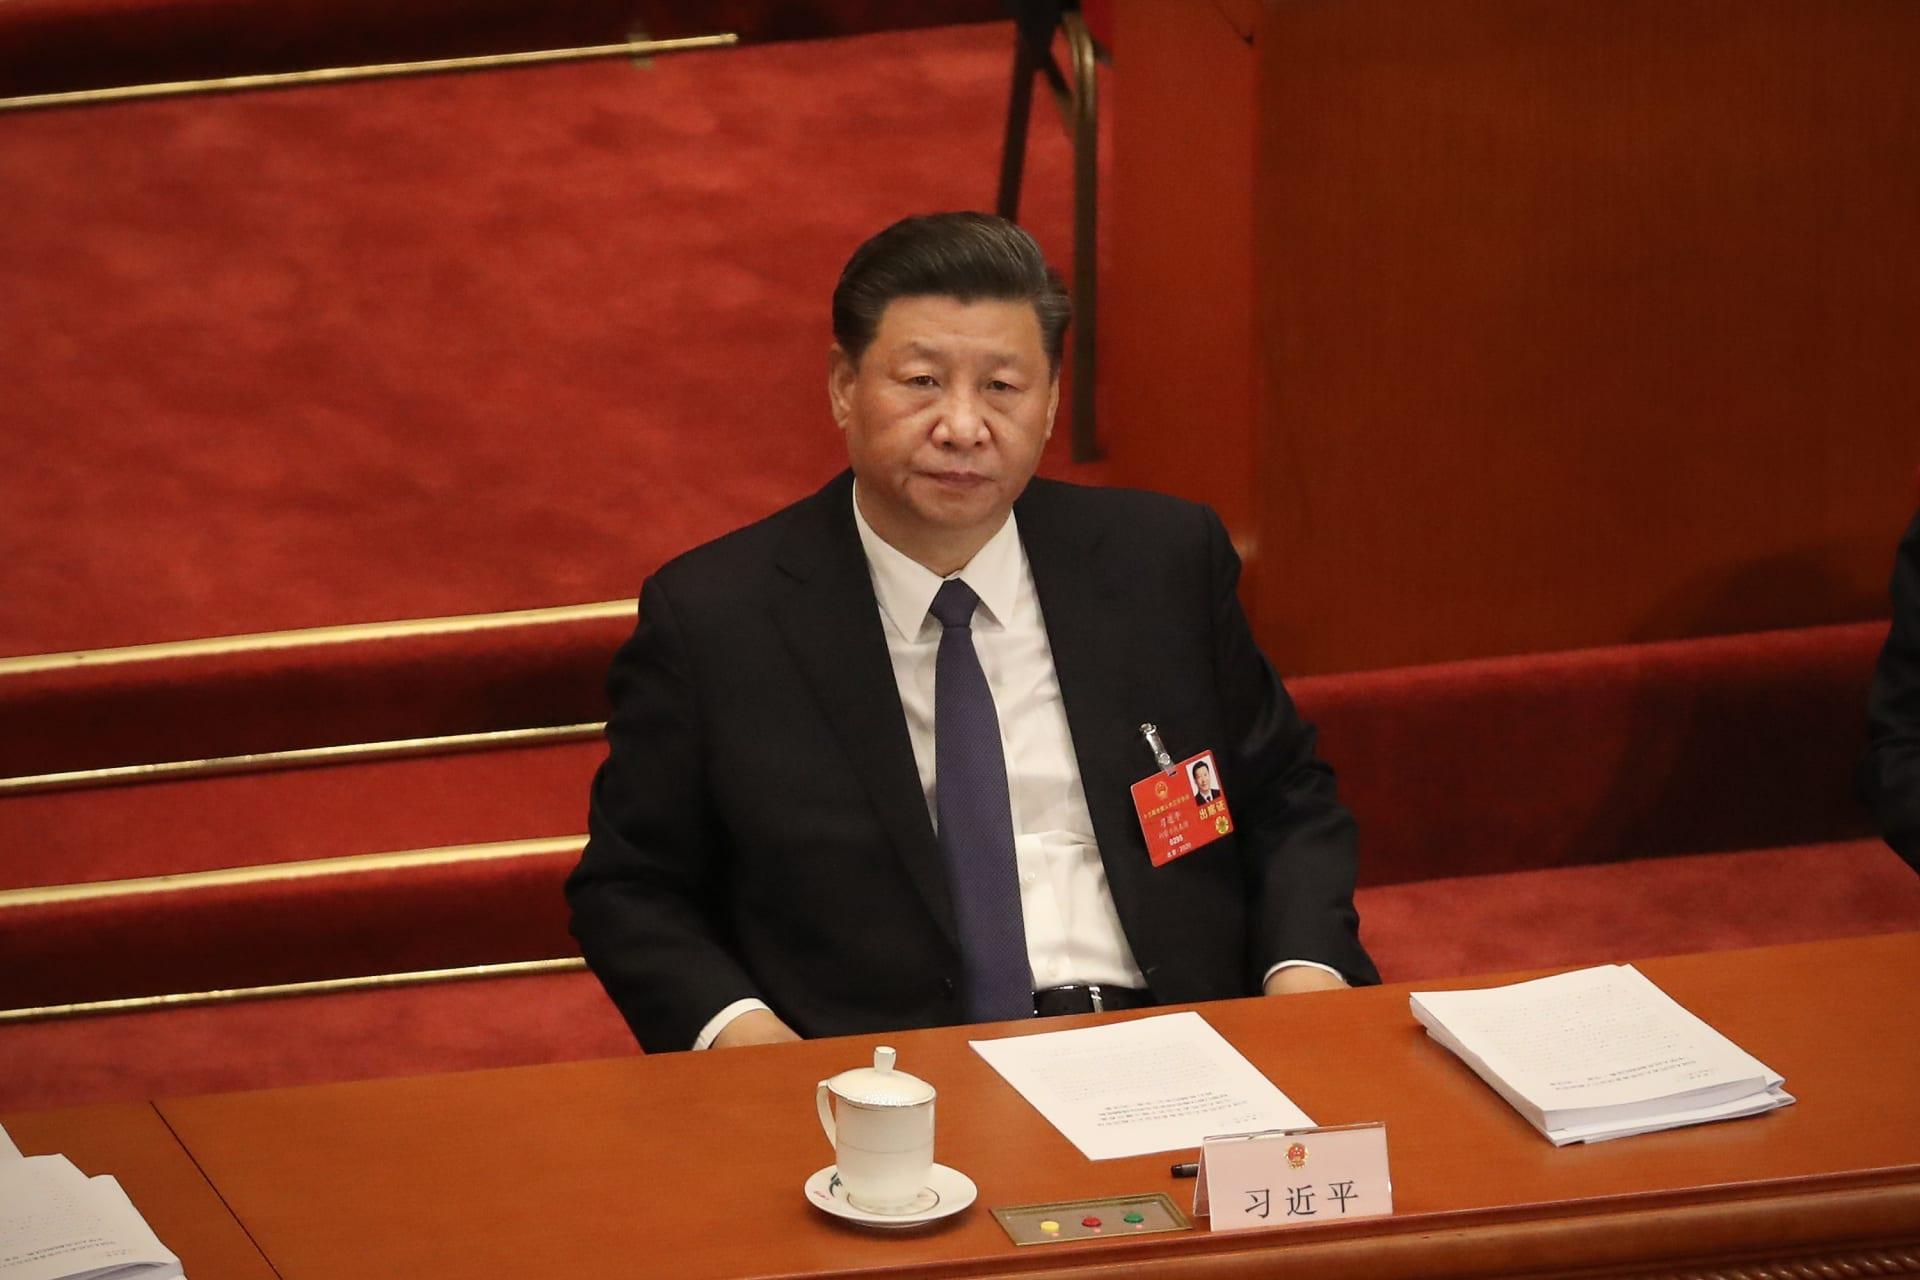 الصين تفرض قيودًا جديدة على تأشيرات صحفيي وسائل الإعلام الأمريكية